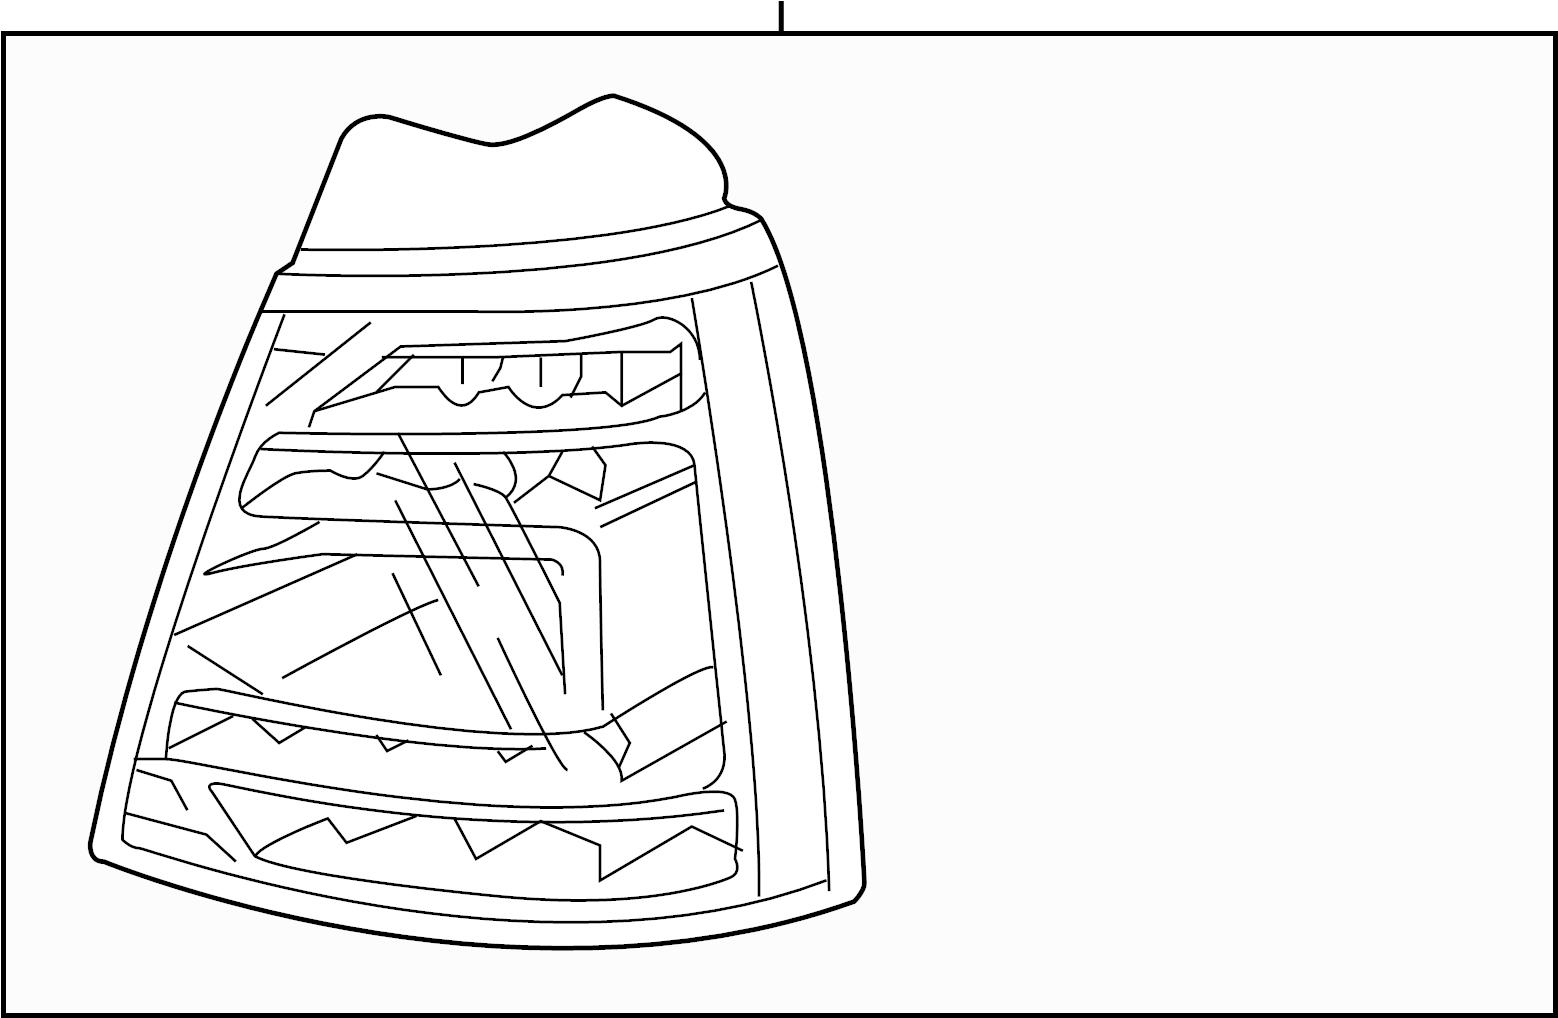 2012 Kia Soul Fuse Diagram besides Infiniti Qx56 Brake Parts Diagram also 2007 Kia Sorento Rear Tail Light Wiring Diagram furthermore Ktm Wiring Diagrams also P 0996b43f8037651d. on 2012 kia sorento tail light